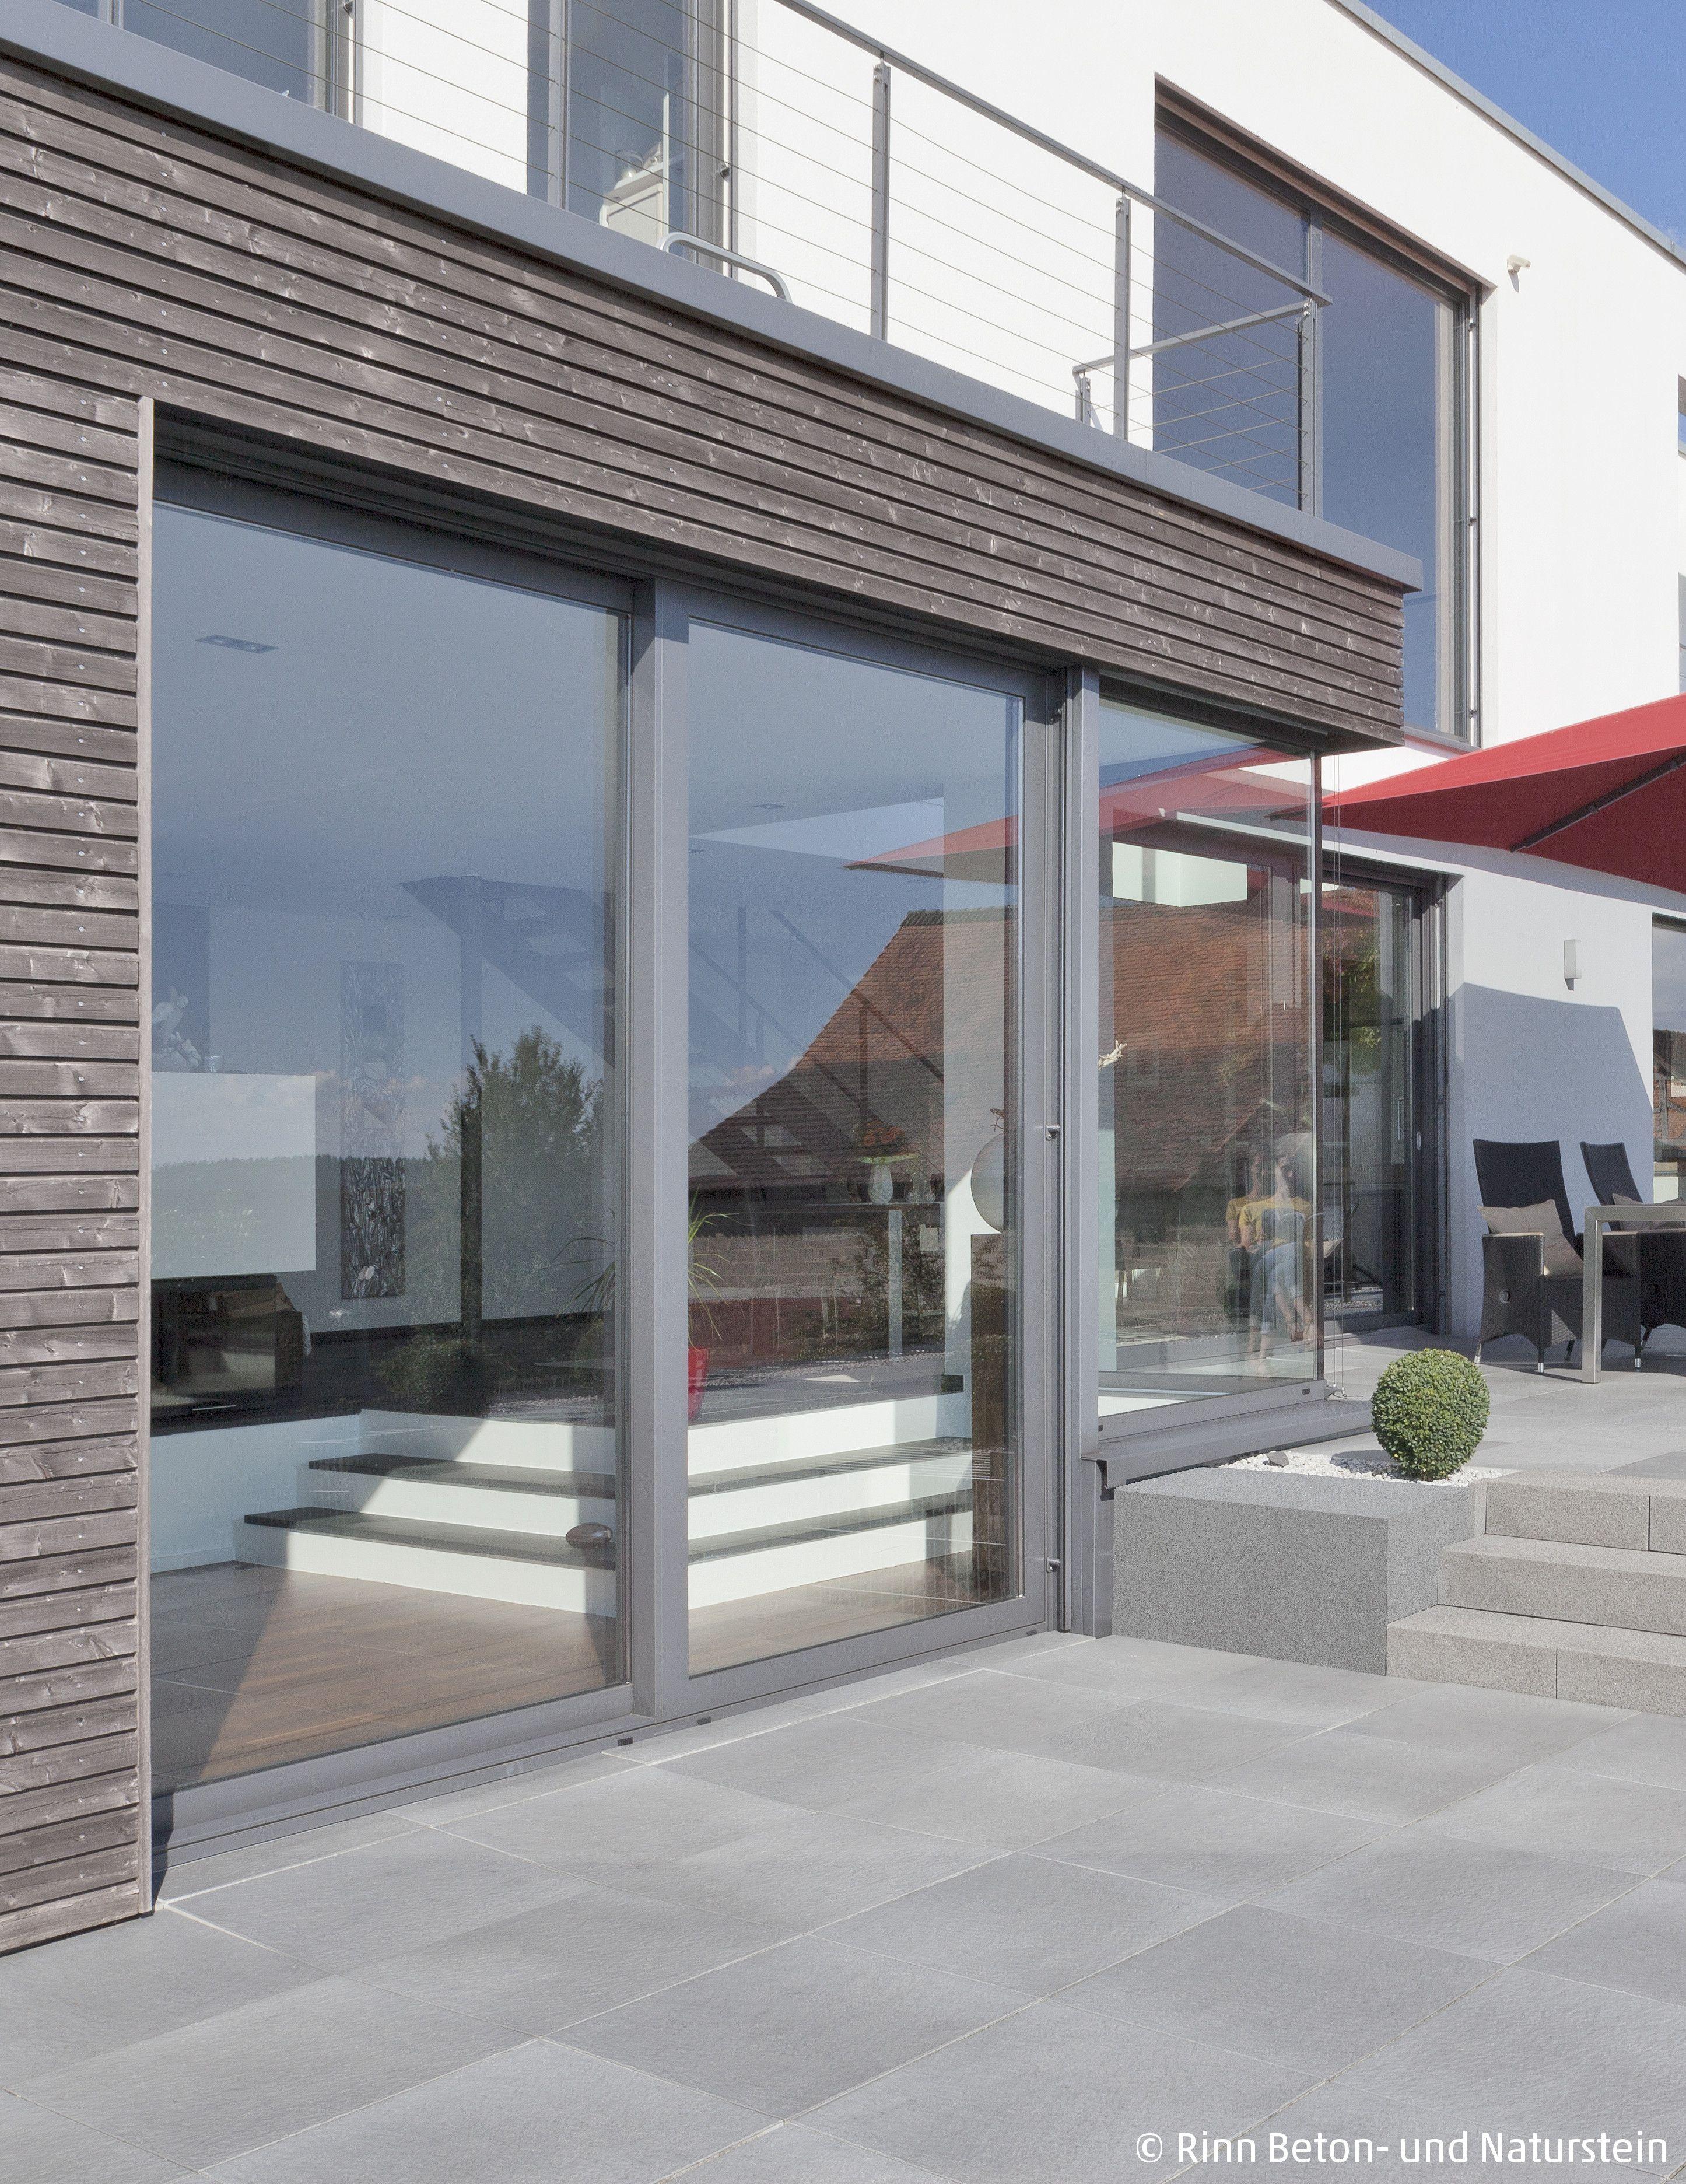 Entzückend Holzanbau Ideen Von Vom Am Modernen Neubau Führt Eine Fensterfront